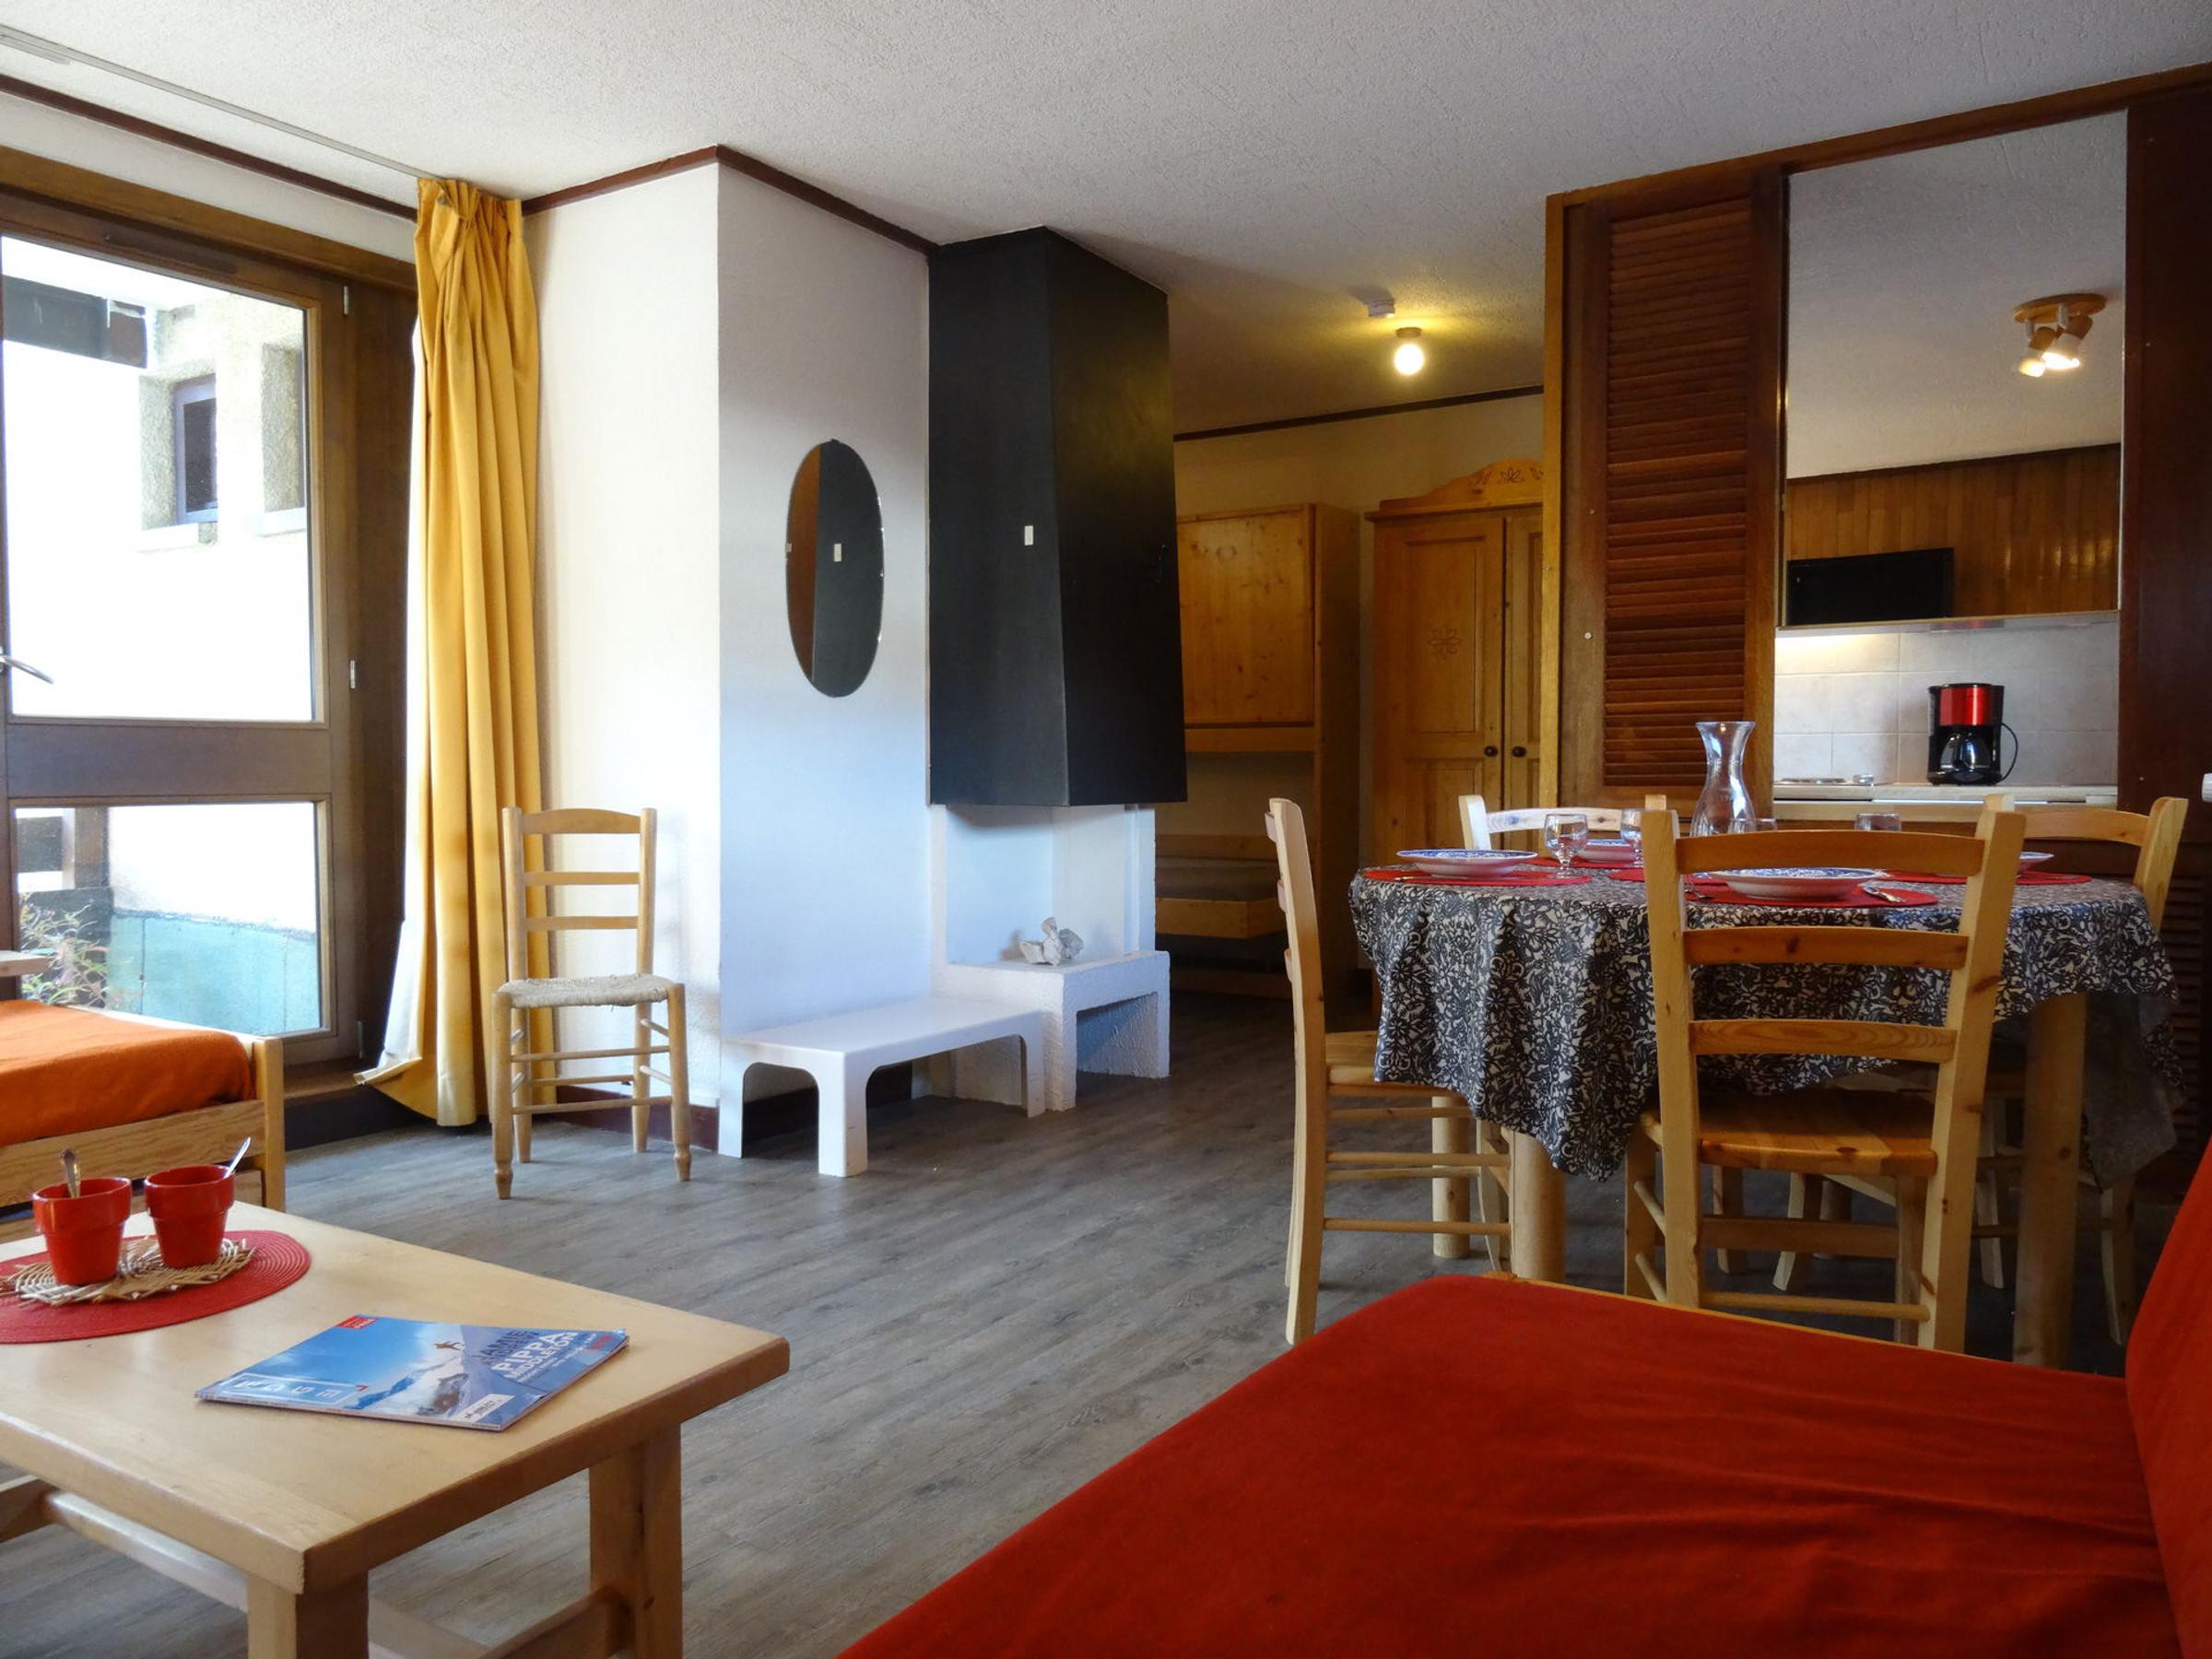 Appartement 2 pièces 5 personnes à Tignes proche des pistes et des commerces dans le quartier du Val Claret Appartement situé au 2ème étage d une grande résidence au coeur du quartier Grand espace de vie bien